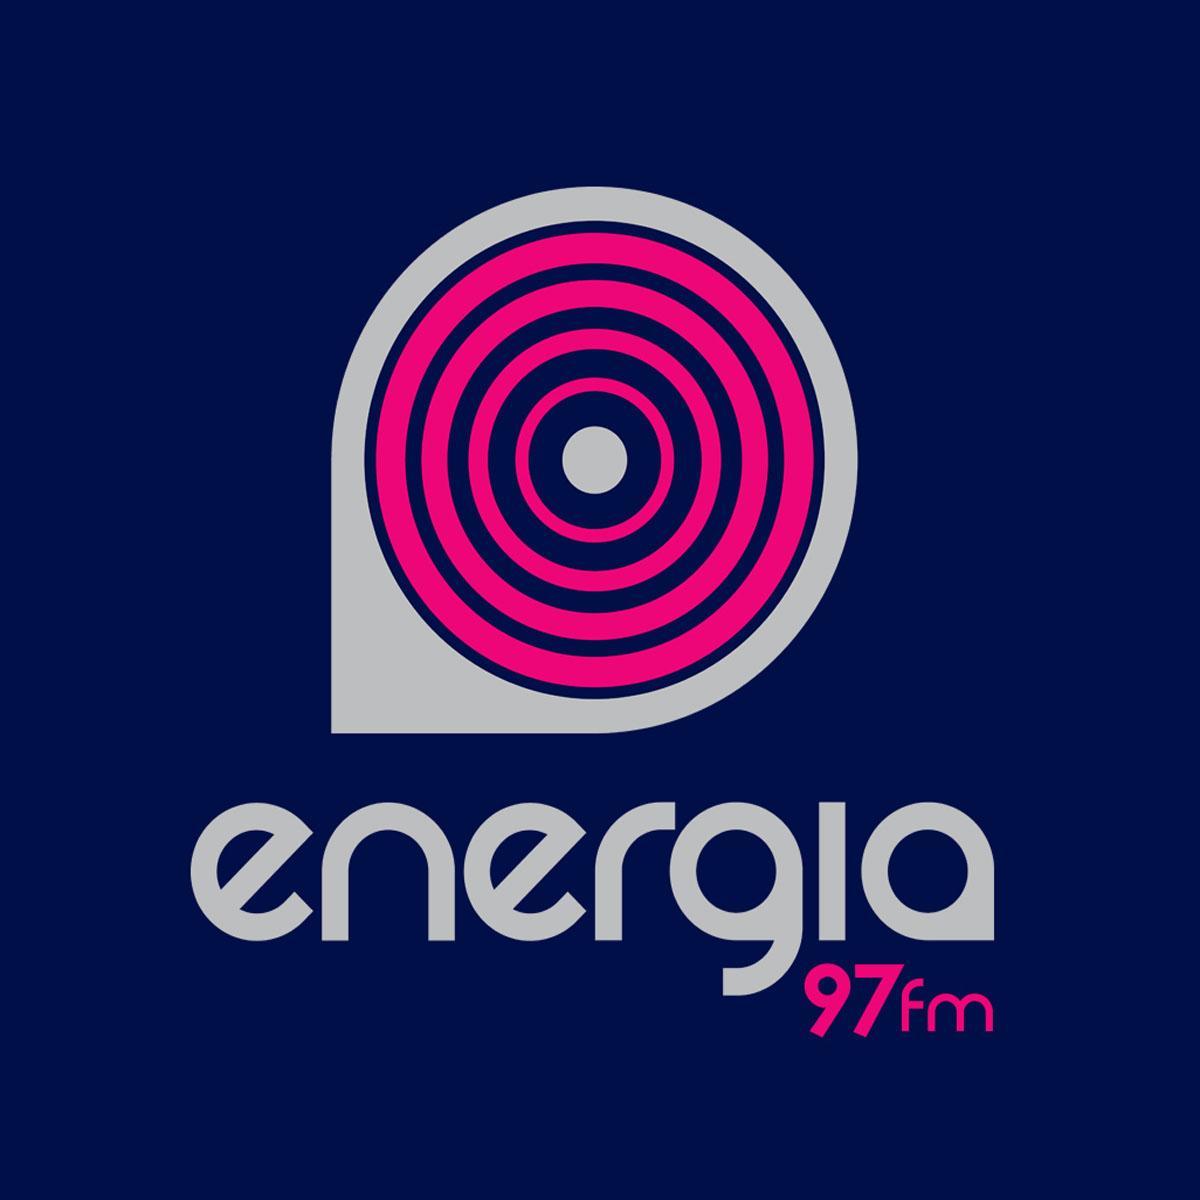 Energia 97,07 FM MHz's